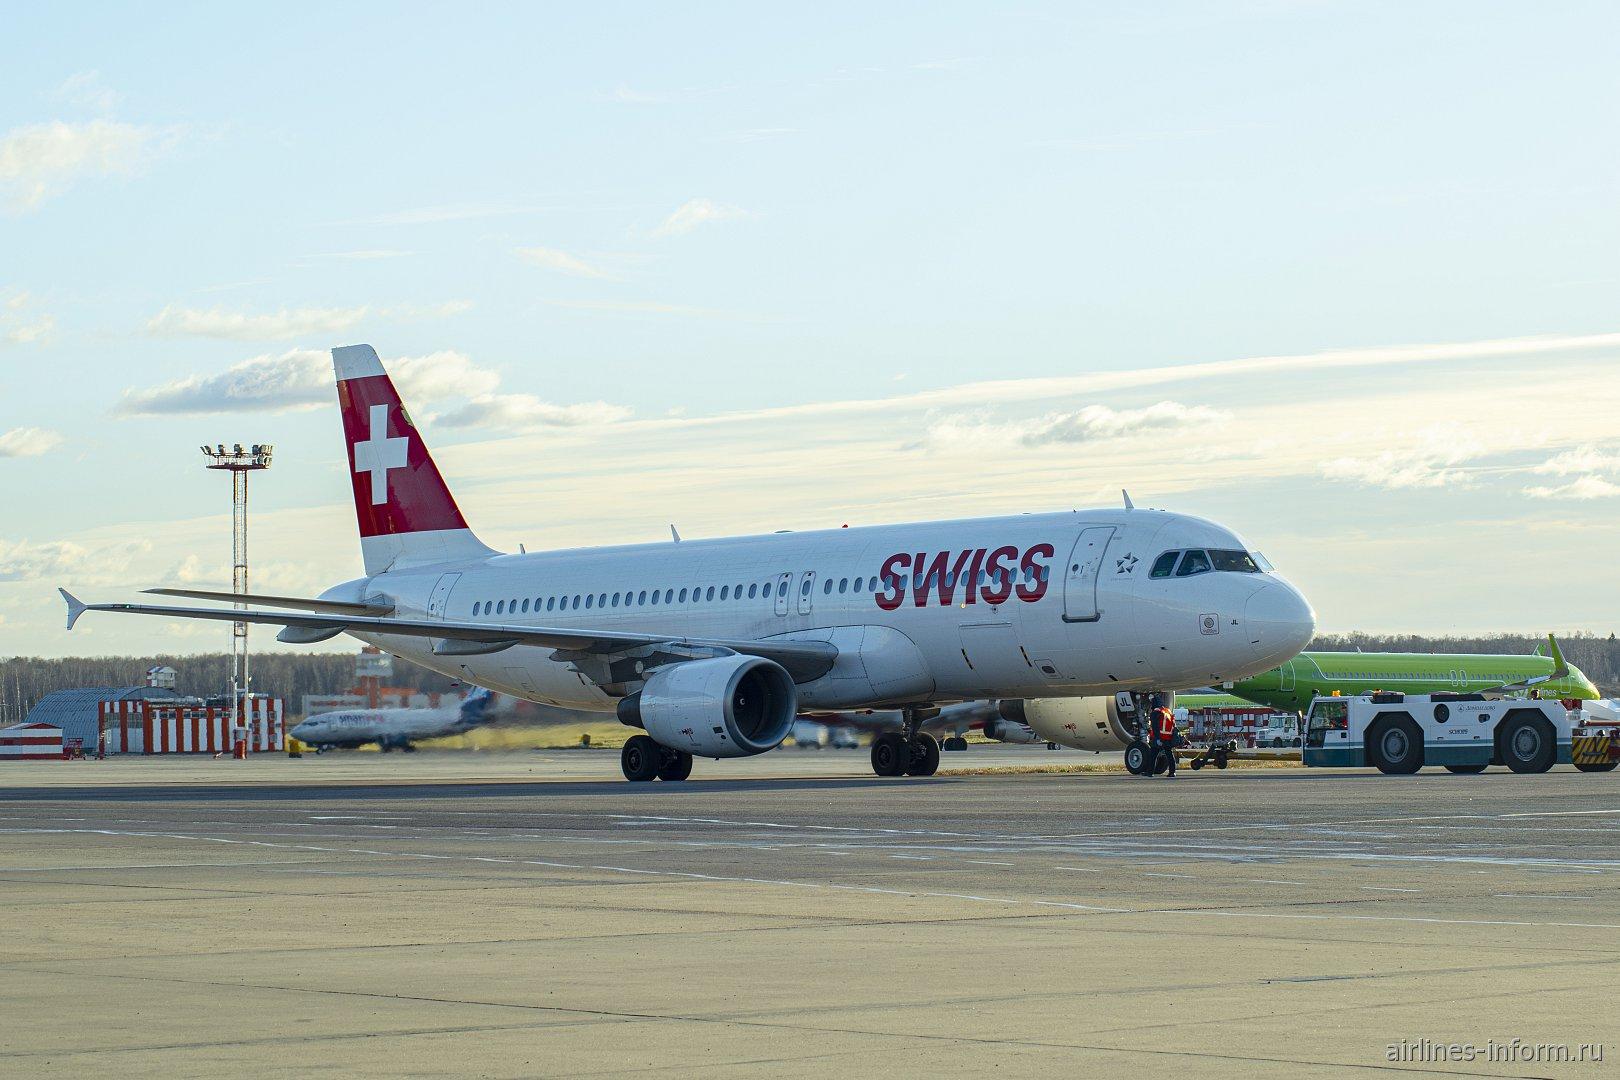 Airbus A320 авиакомпании SWISS в аэропорту Домодедово